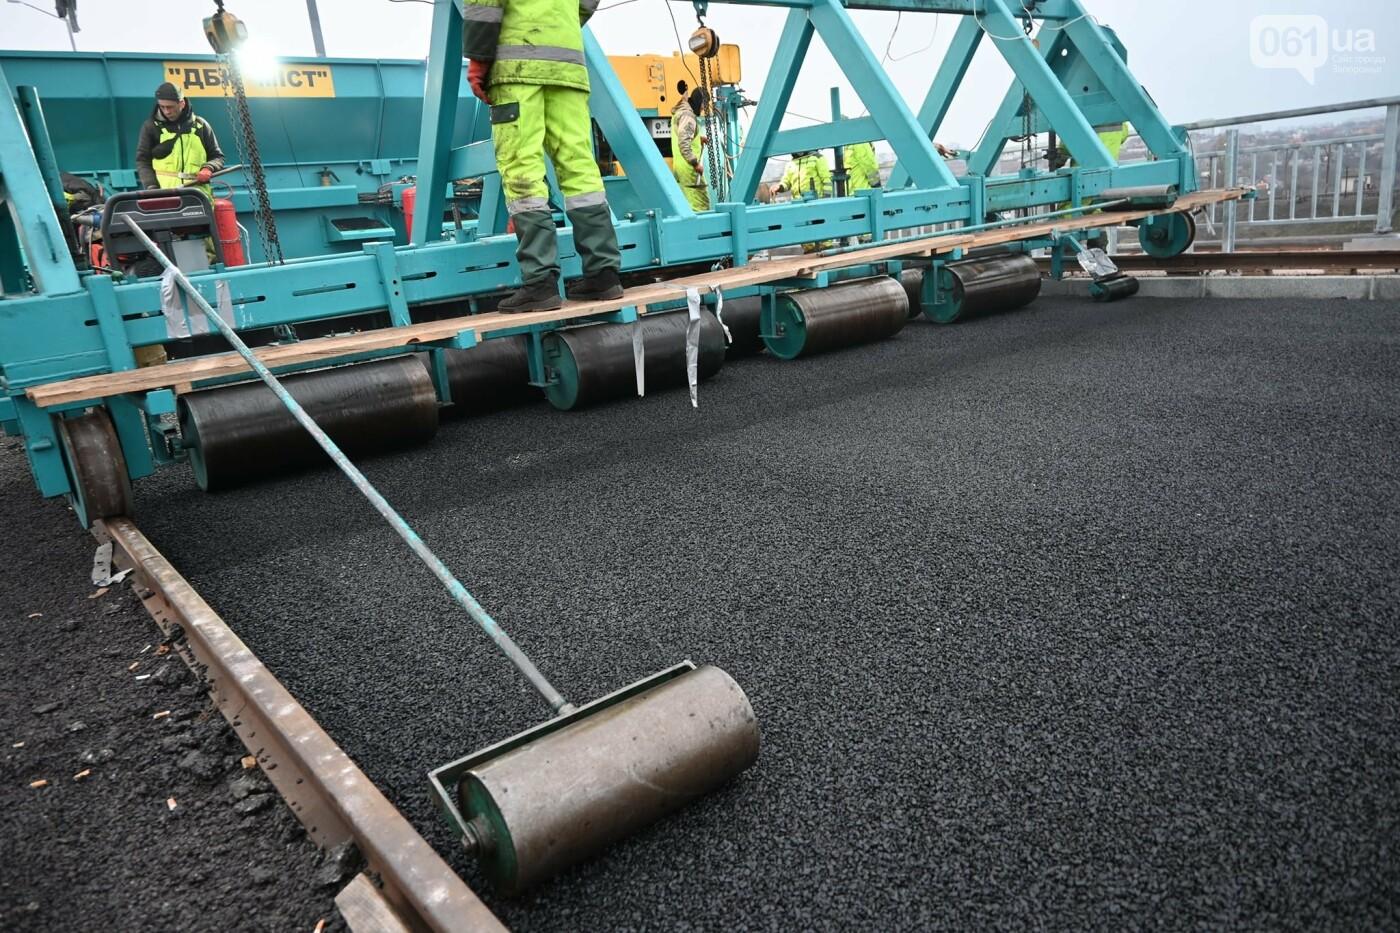 В Службе автодорог показали технологию укладки гусасфальта на строительстве мостов, - ФОТО, ВИДЕО, фото-7